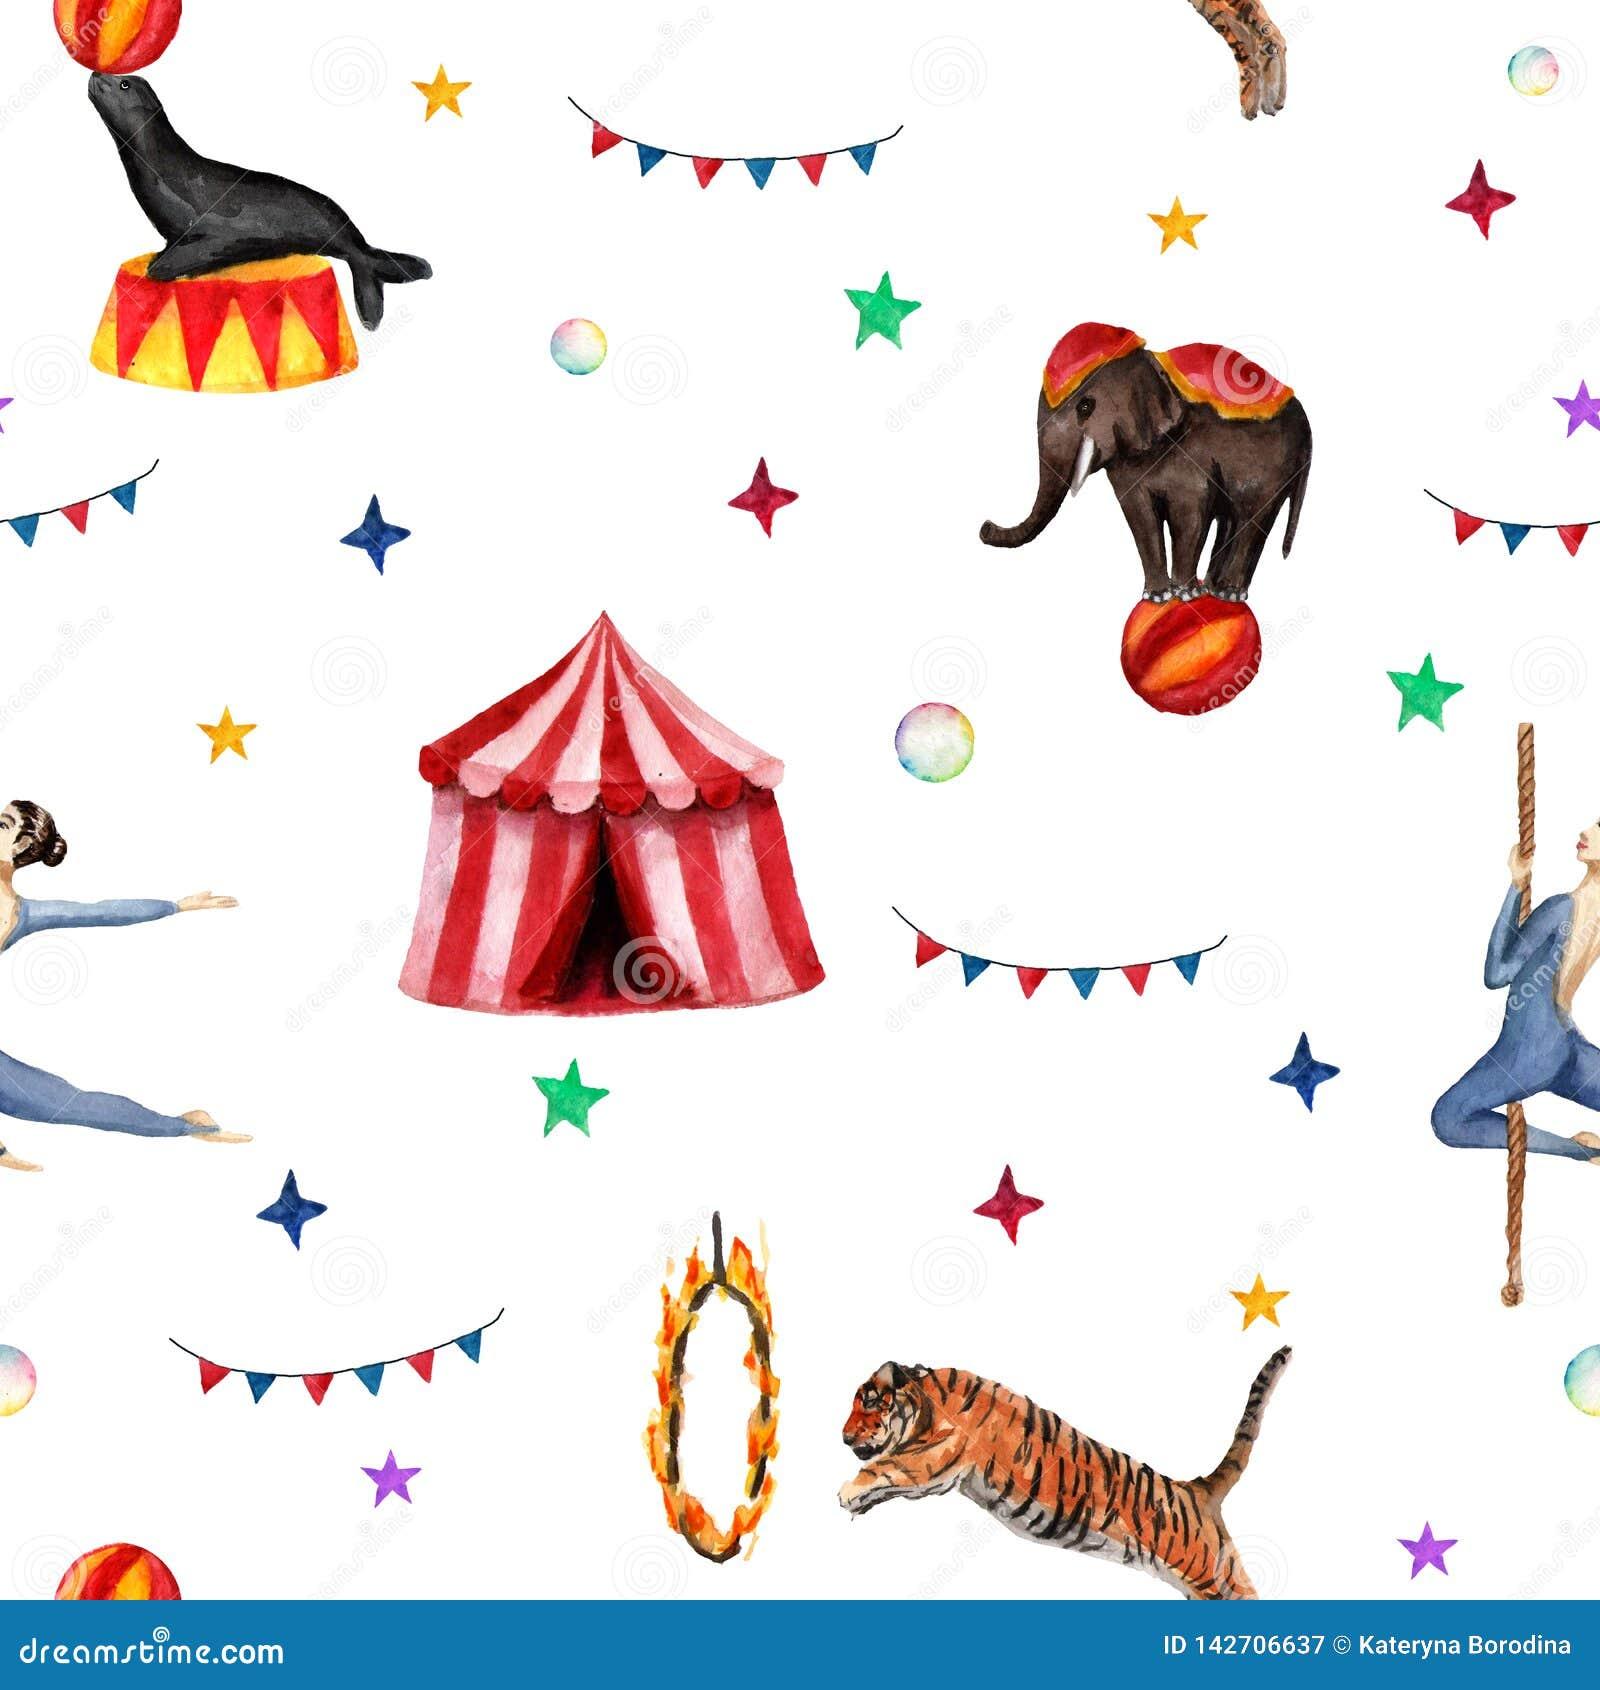 Zirkusmuster, -elefant, -dichtung, -tiger, -zelt, -flaggen, -Seifenblasen und -akrobat Aquarellillustration auf Weiß